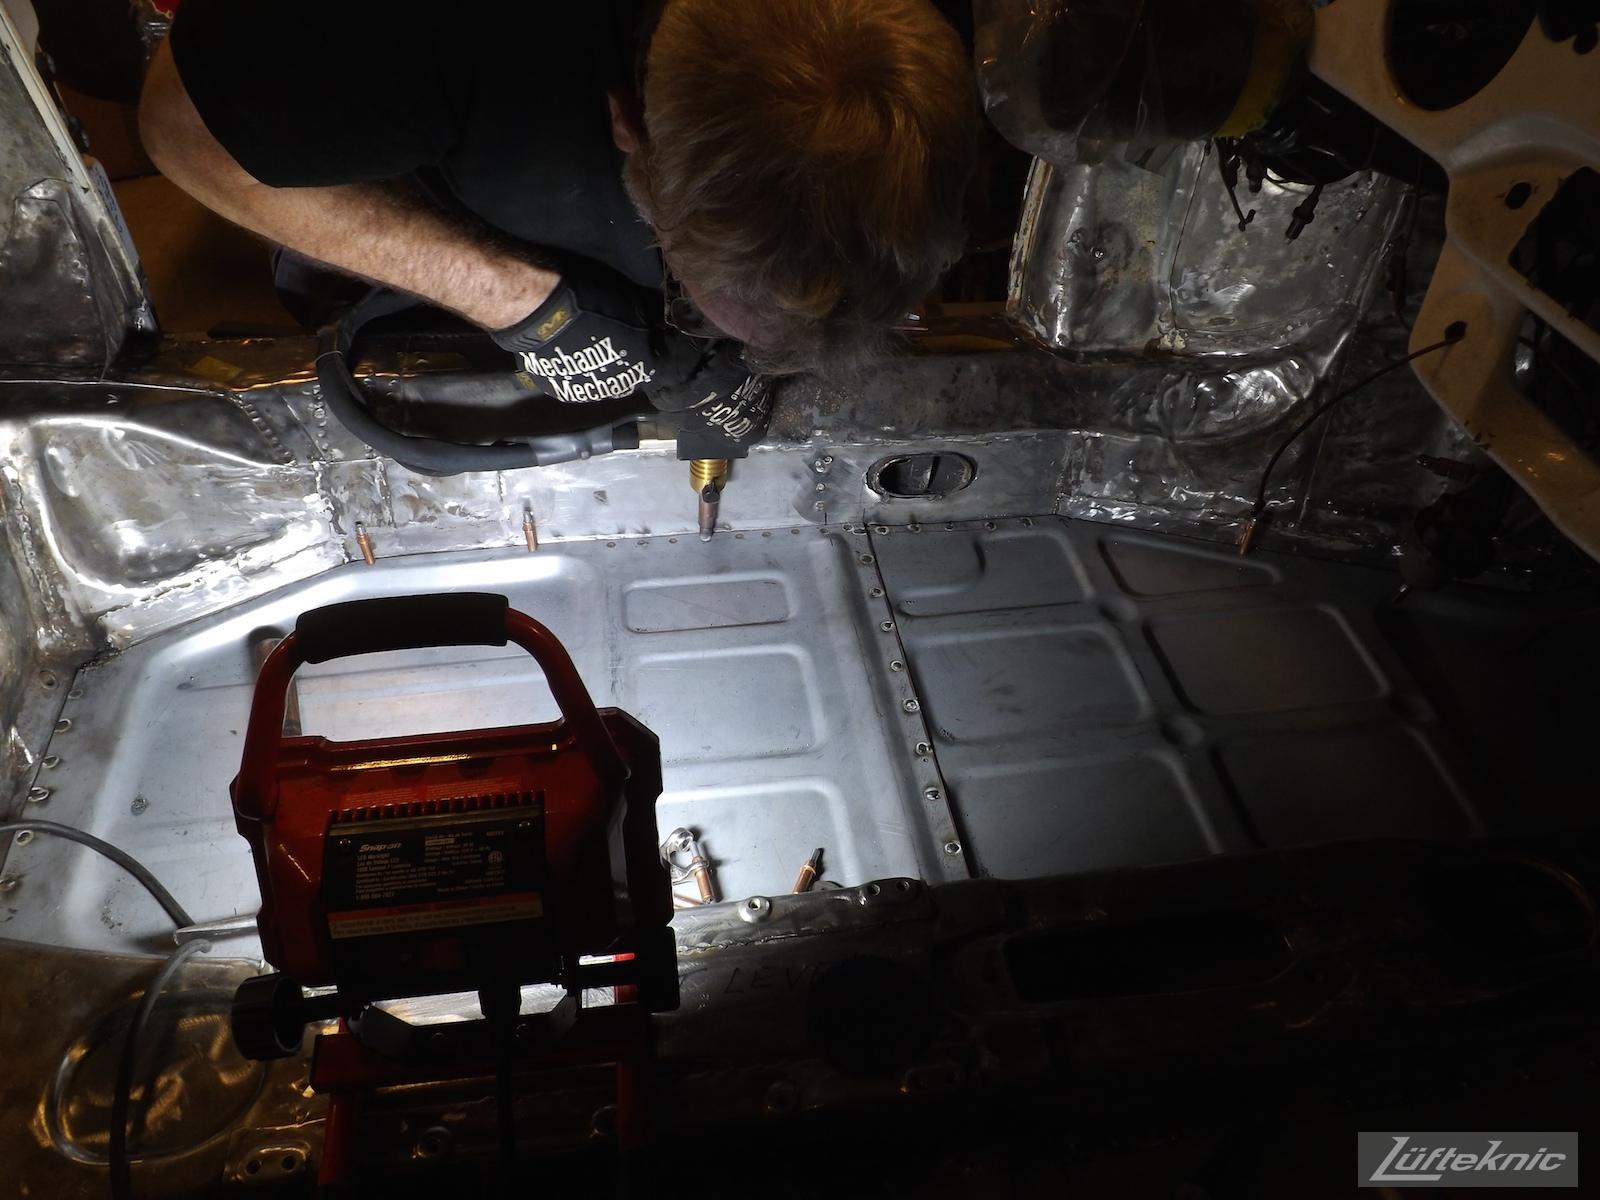 Spot welding the floor of a White 1964 Porsche 356SC being restored.